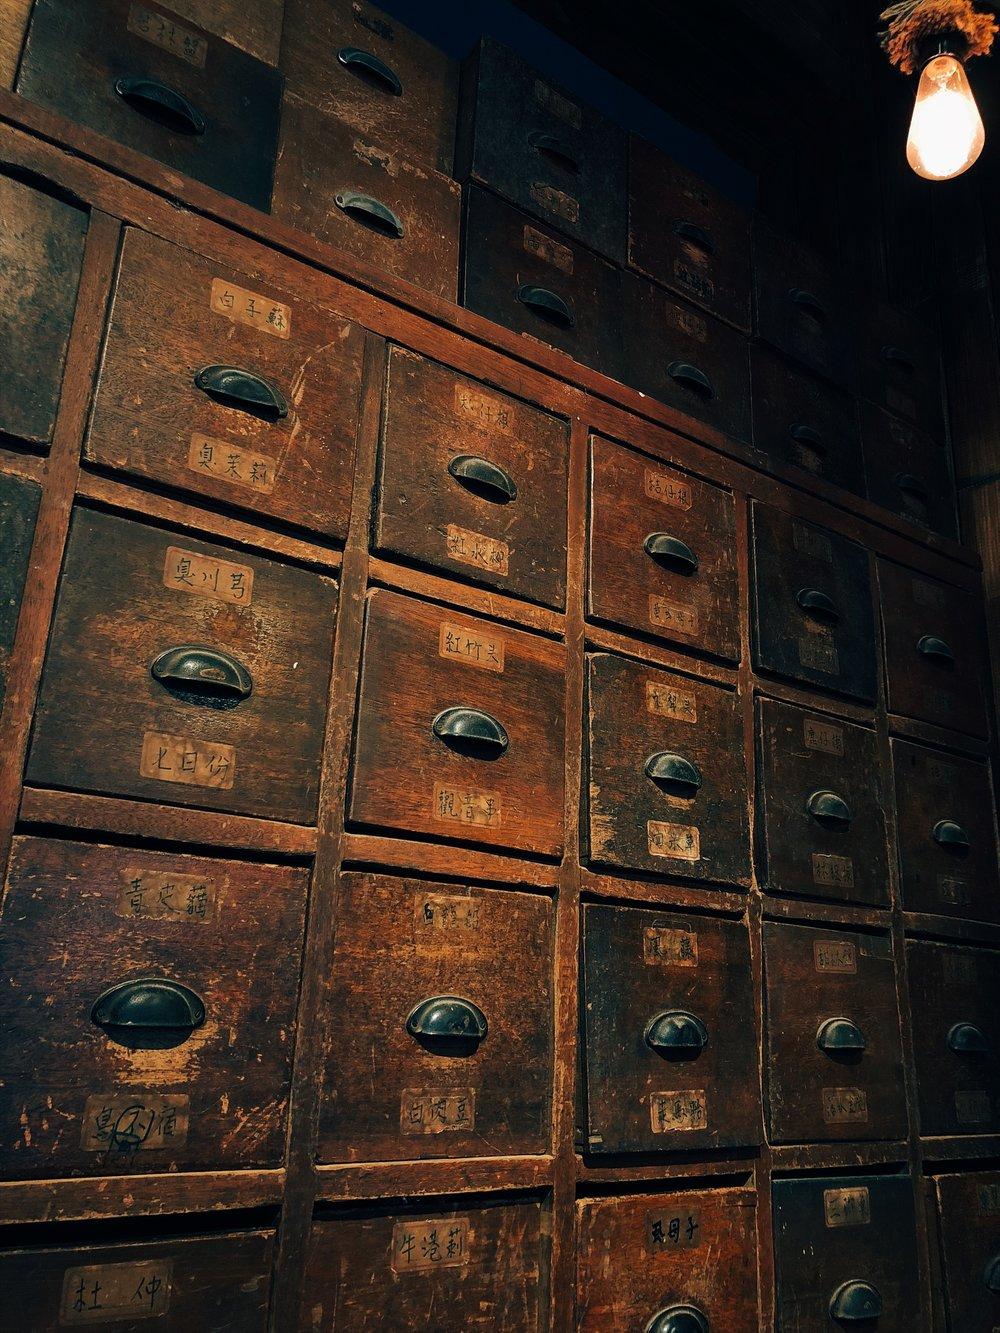 姚德和青草號 - 好想打開每一個抽屜聞聞藥草的歷史味